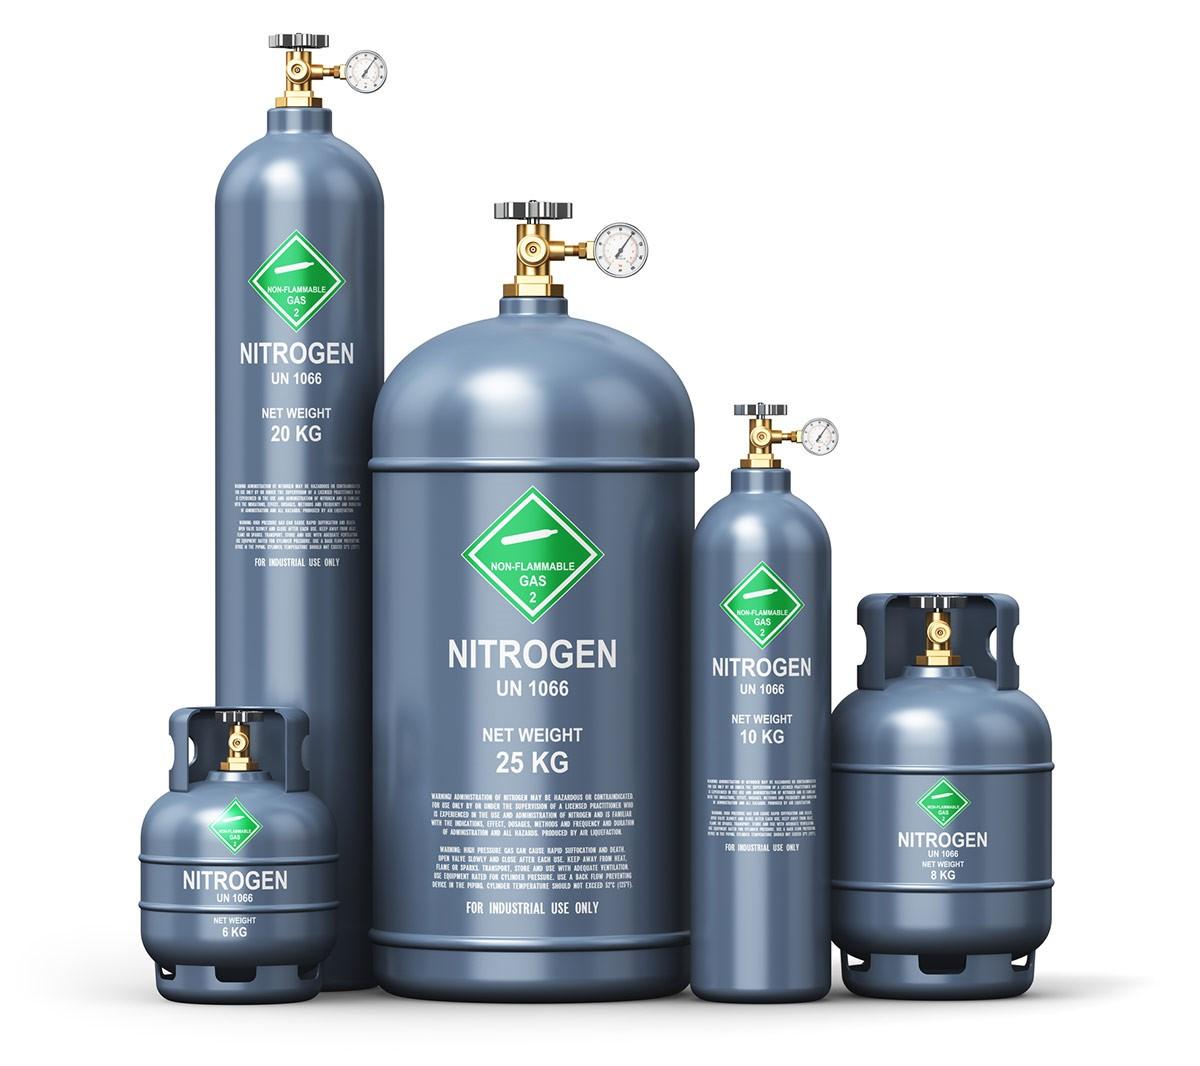 قیمت کپسول گاز نیتروژن به عوامل زیادی بستگی دارد